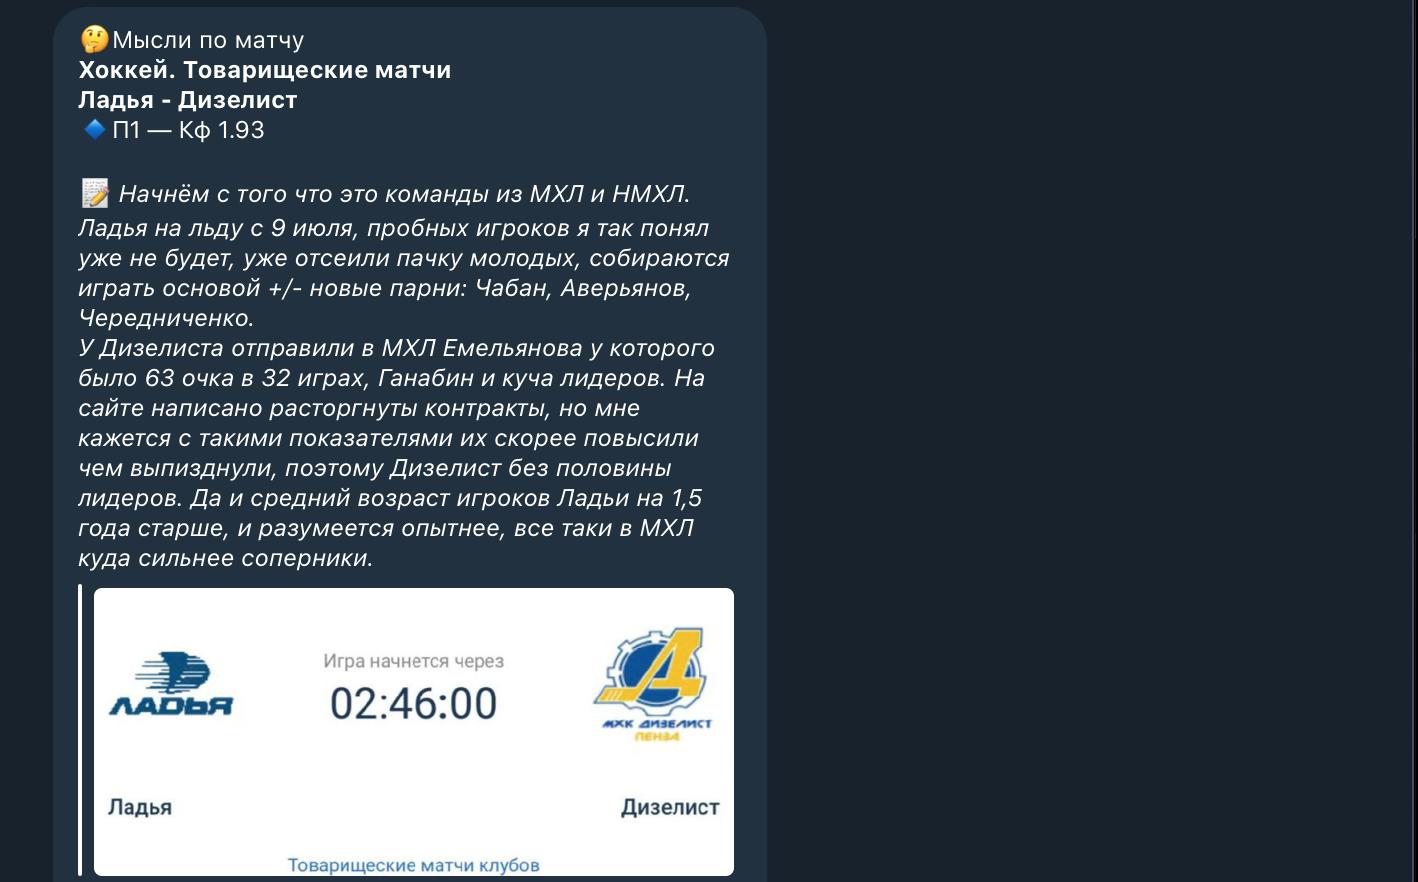 Бесплатный прогноз в телеграмм